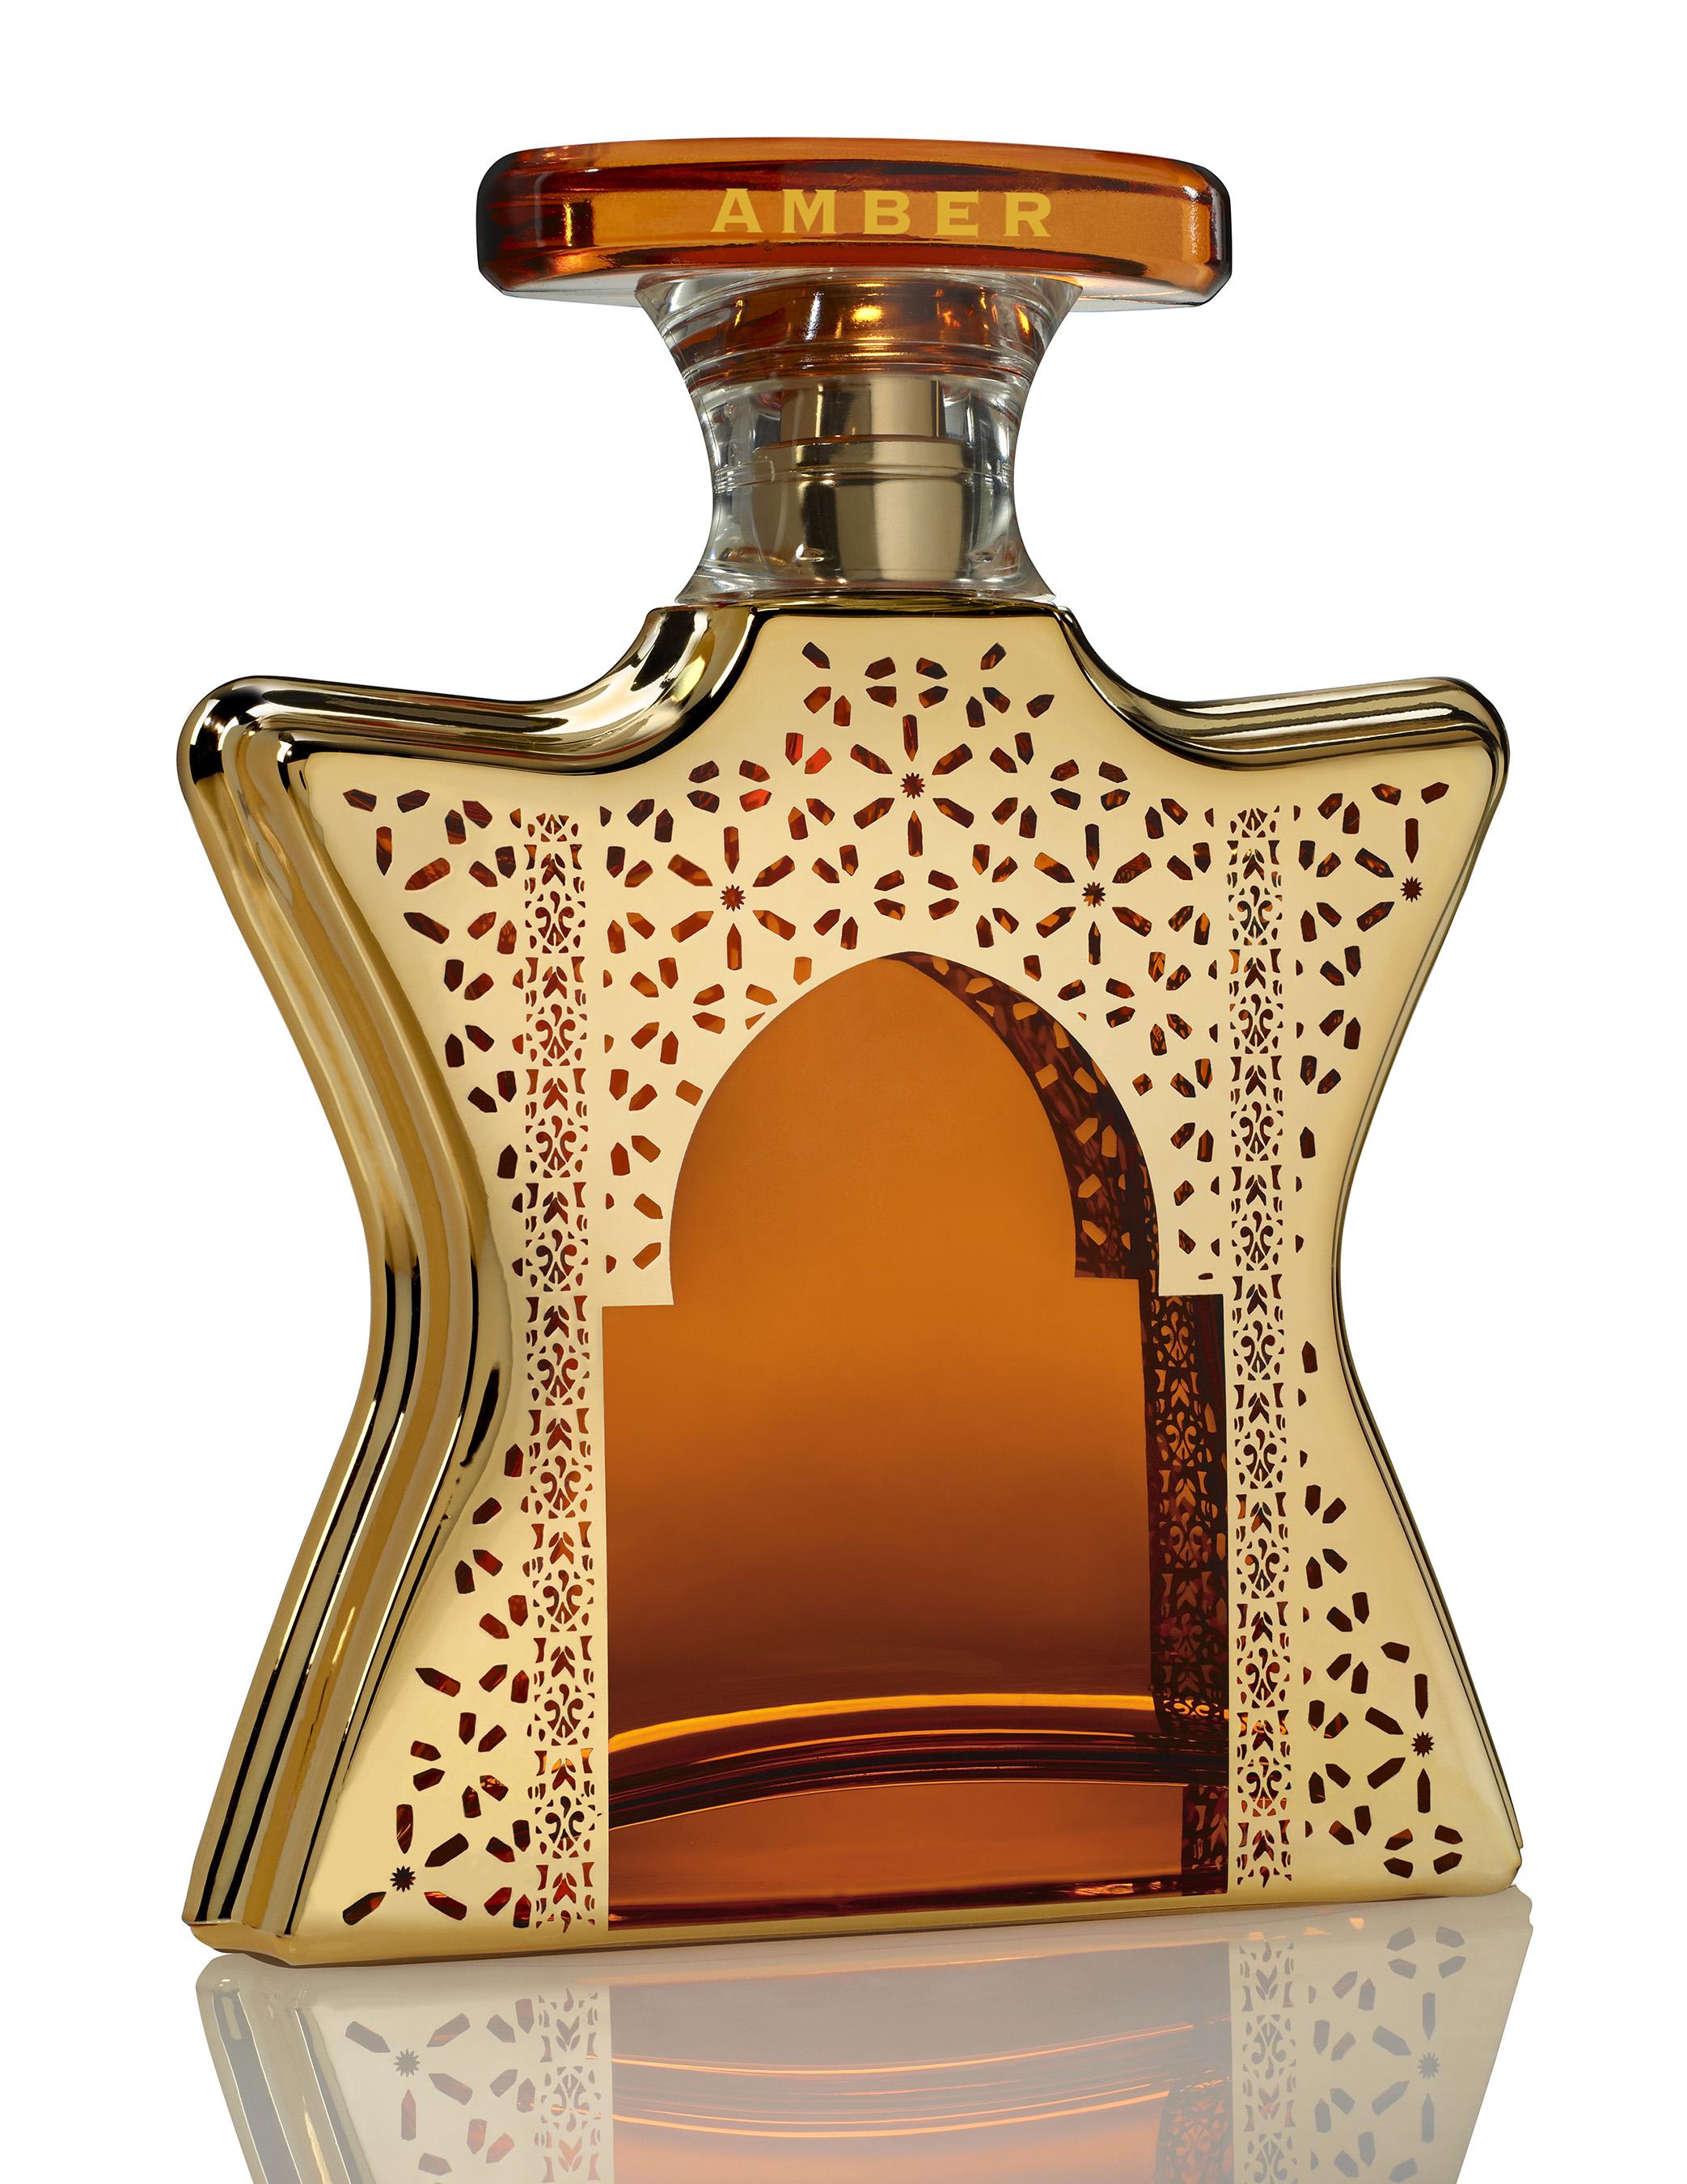 Bond No 9 Dubai Amber